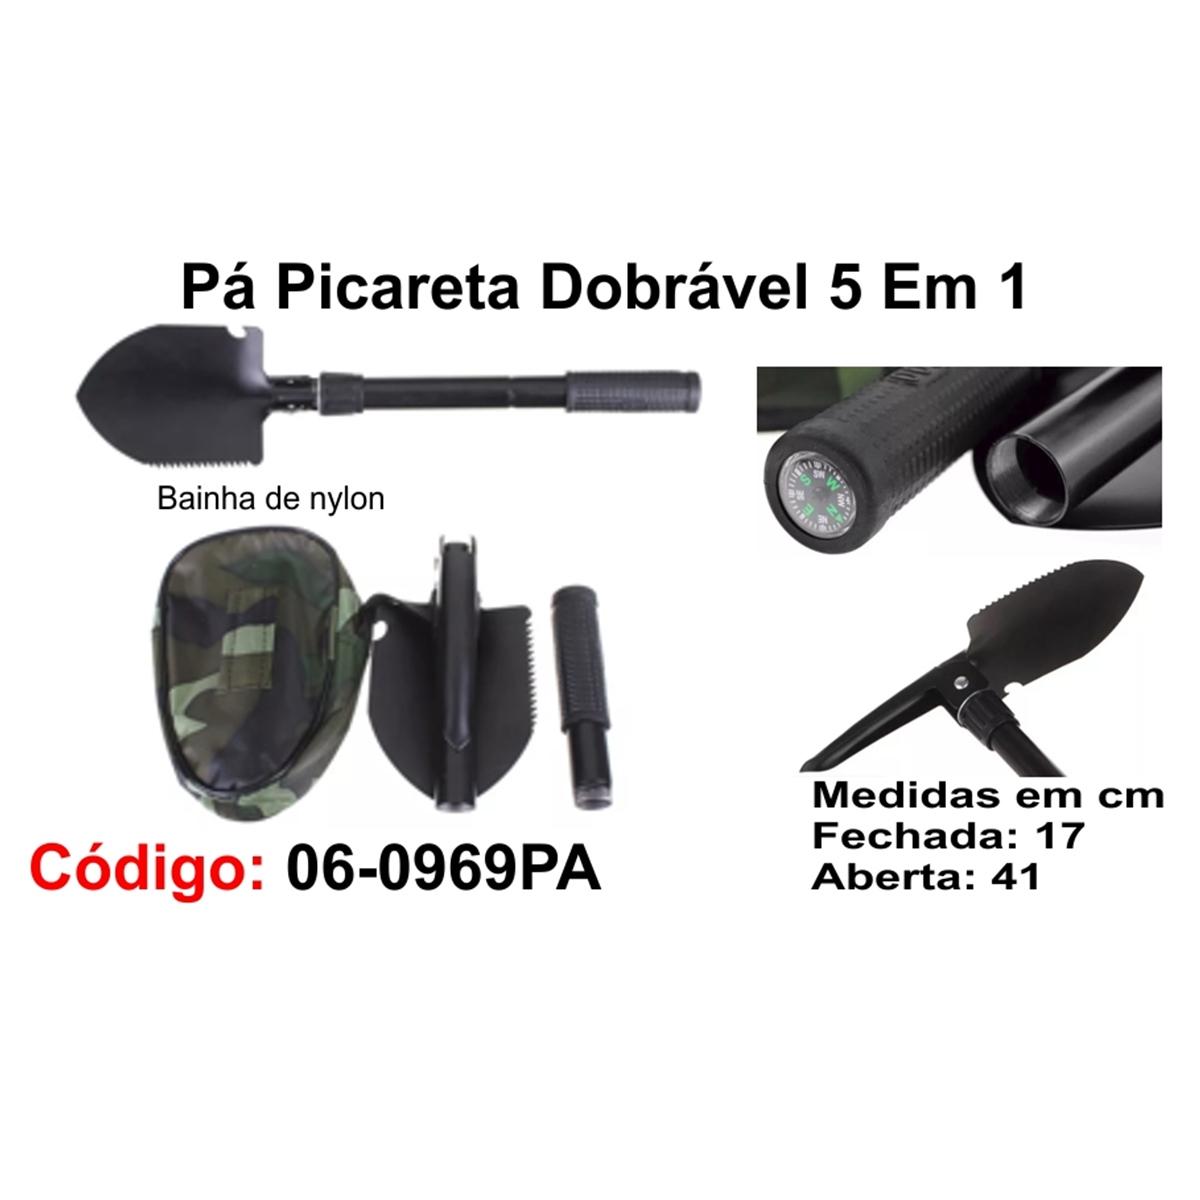 Pá Picareta Dobrável 5 em 1 06-0969PA